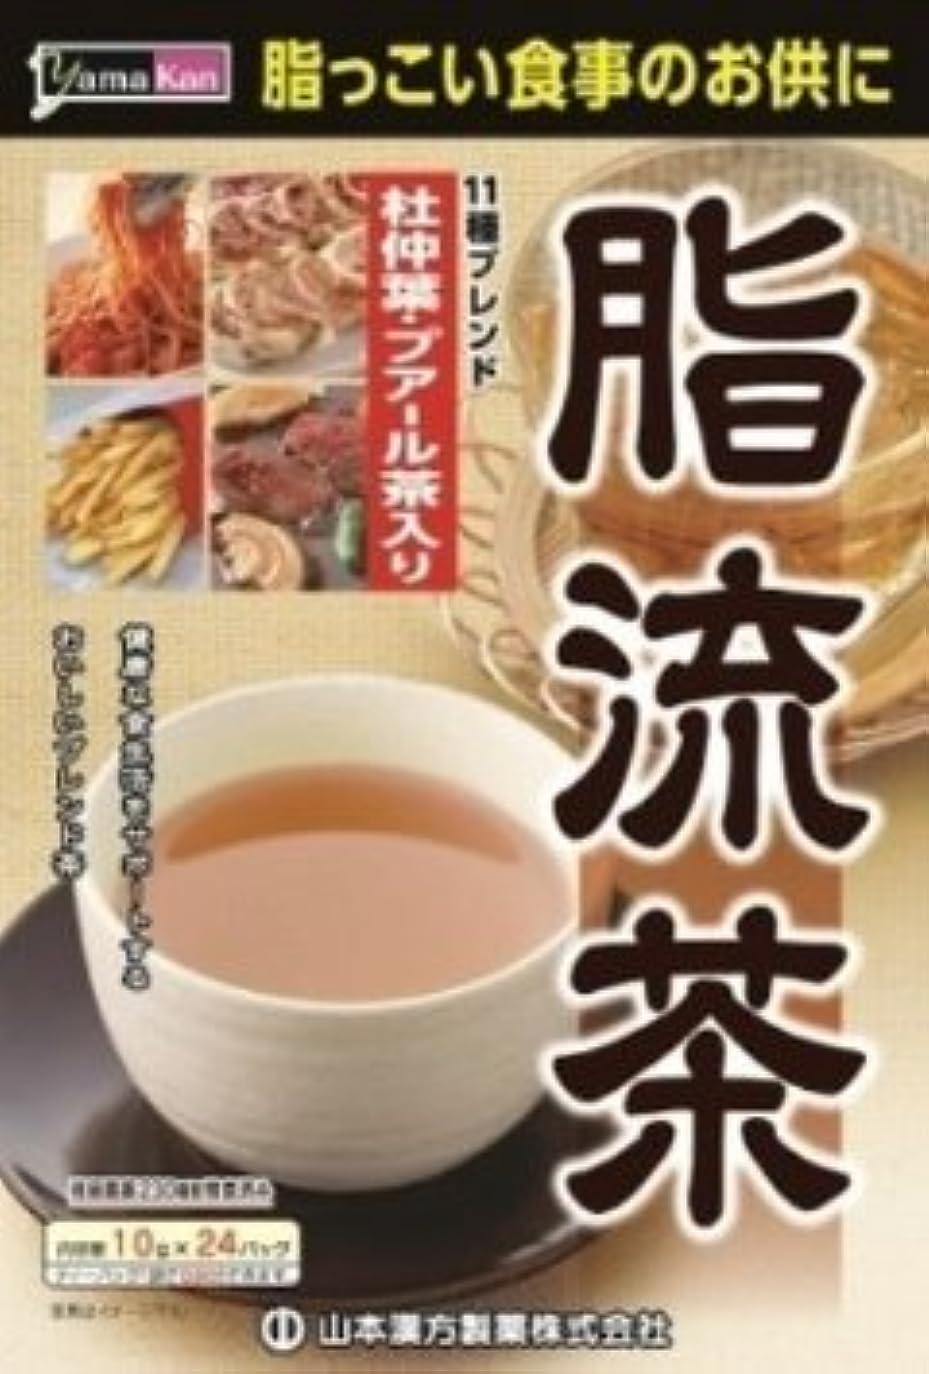 ヤギマラソン取り扱い【10個セット】山本漢方製薬 脂流茶 10gX24H ×10個セット